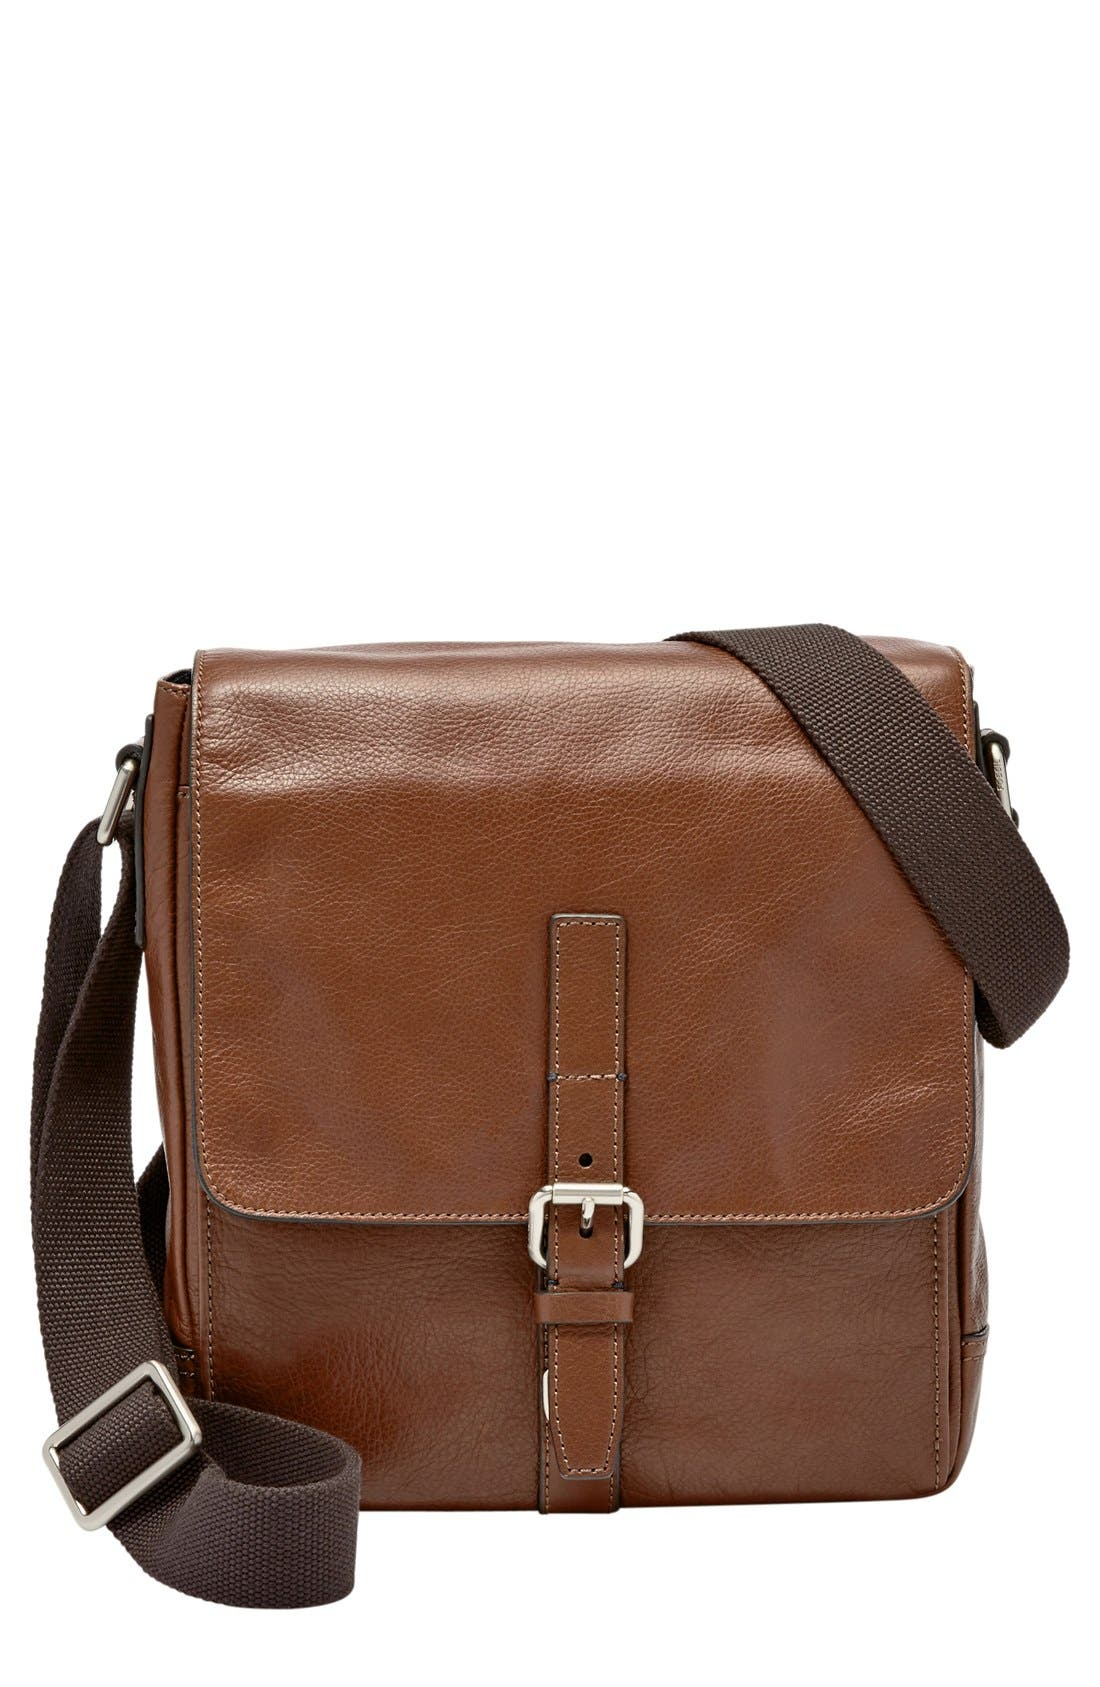 FOSSIL Davis Leather Messenger Bag